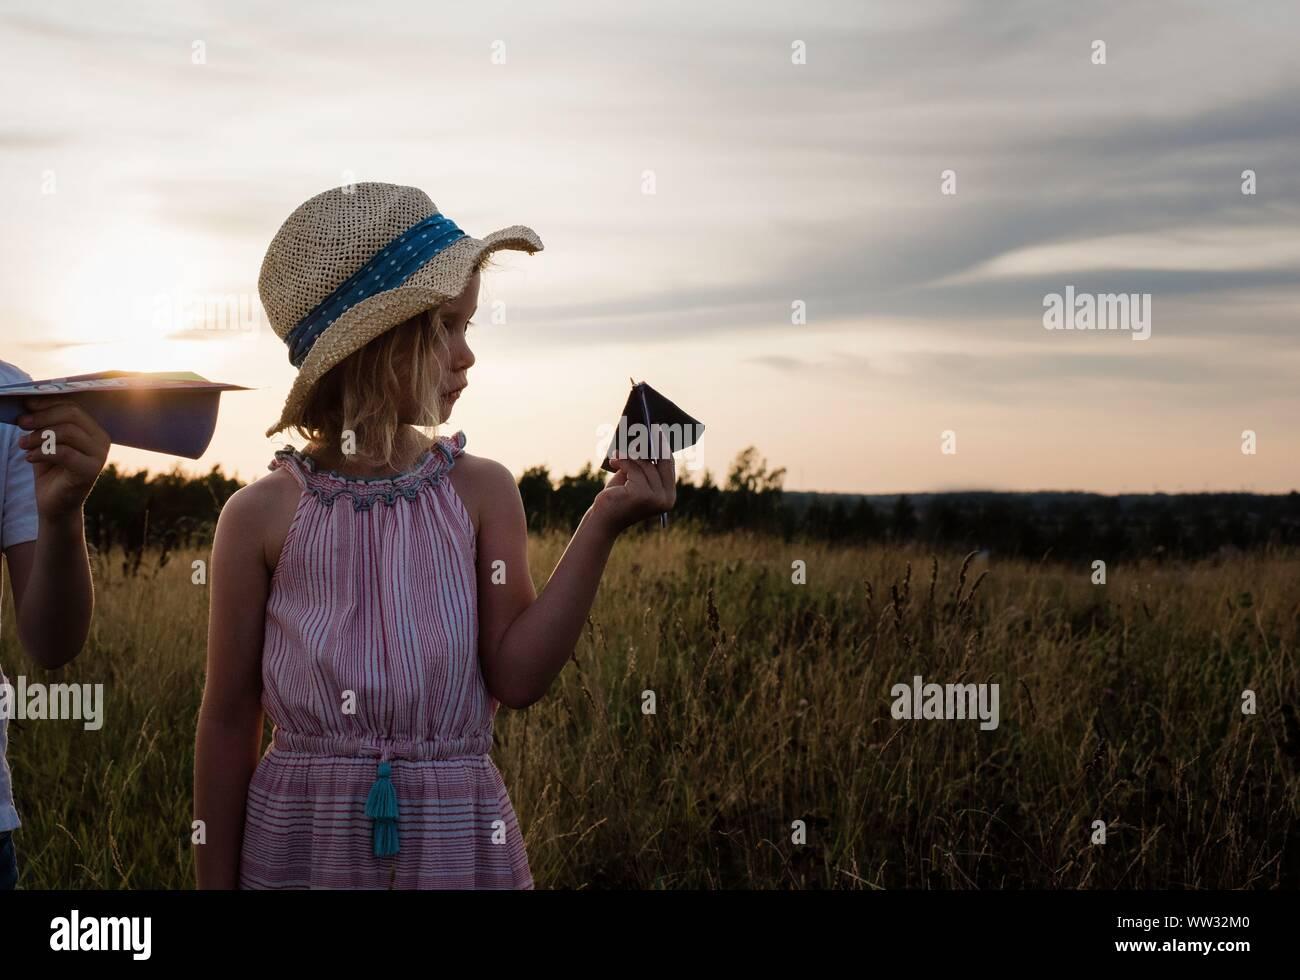 Perfil de una joven chica sujetando un avión de papel en un prado al atardecer Foto de stock